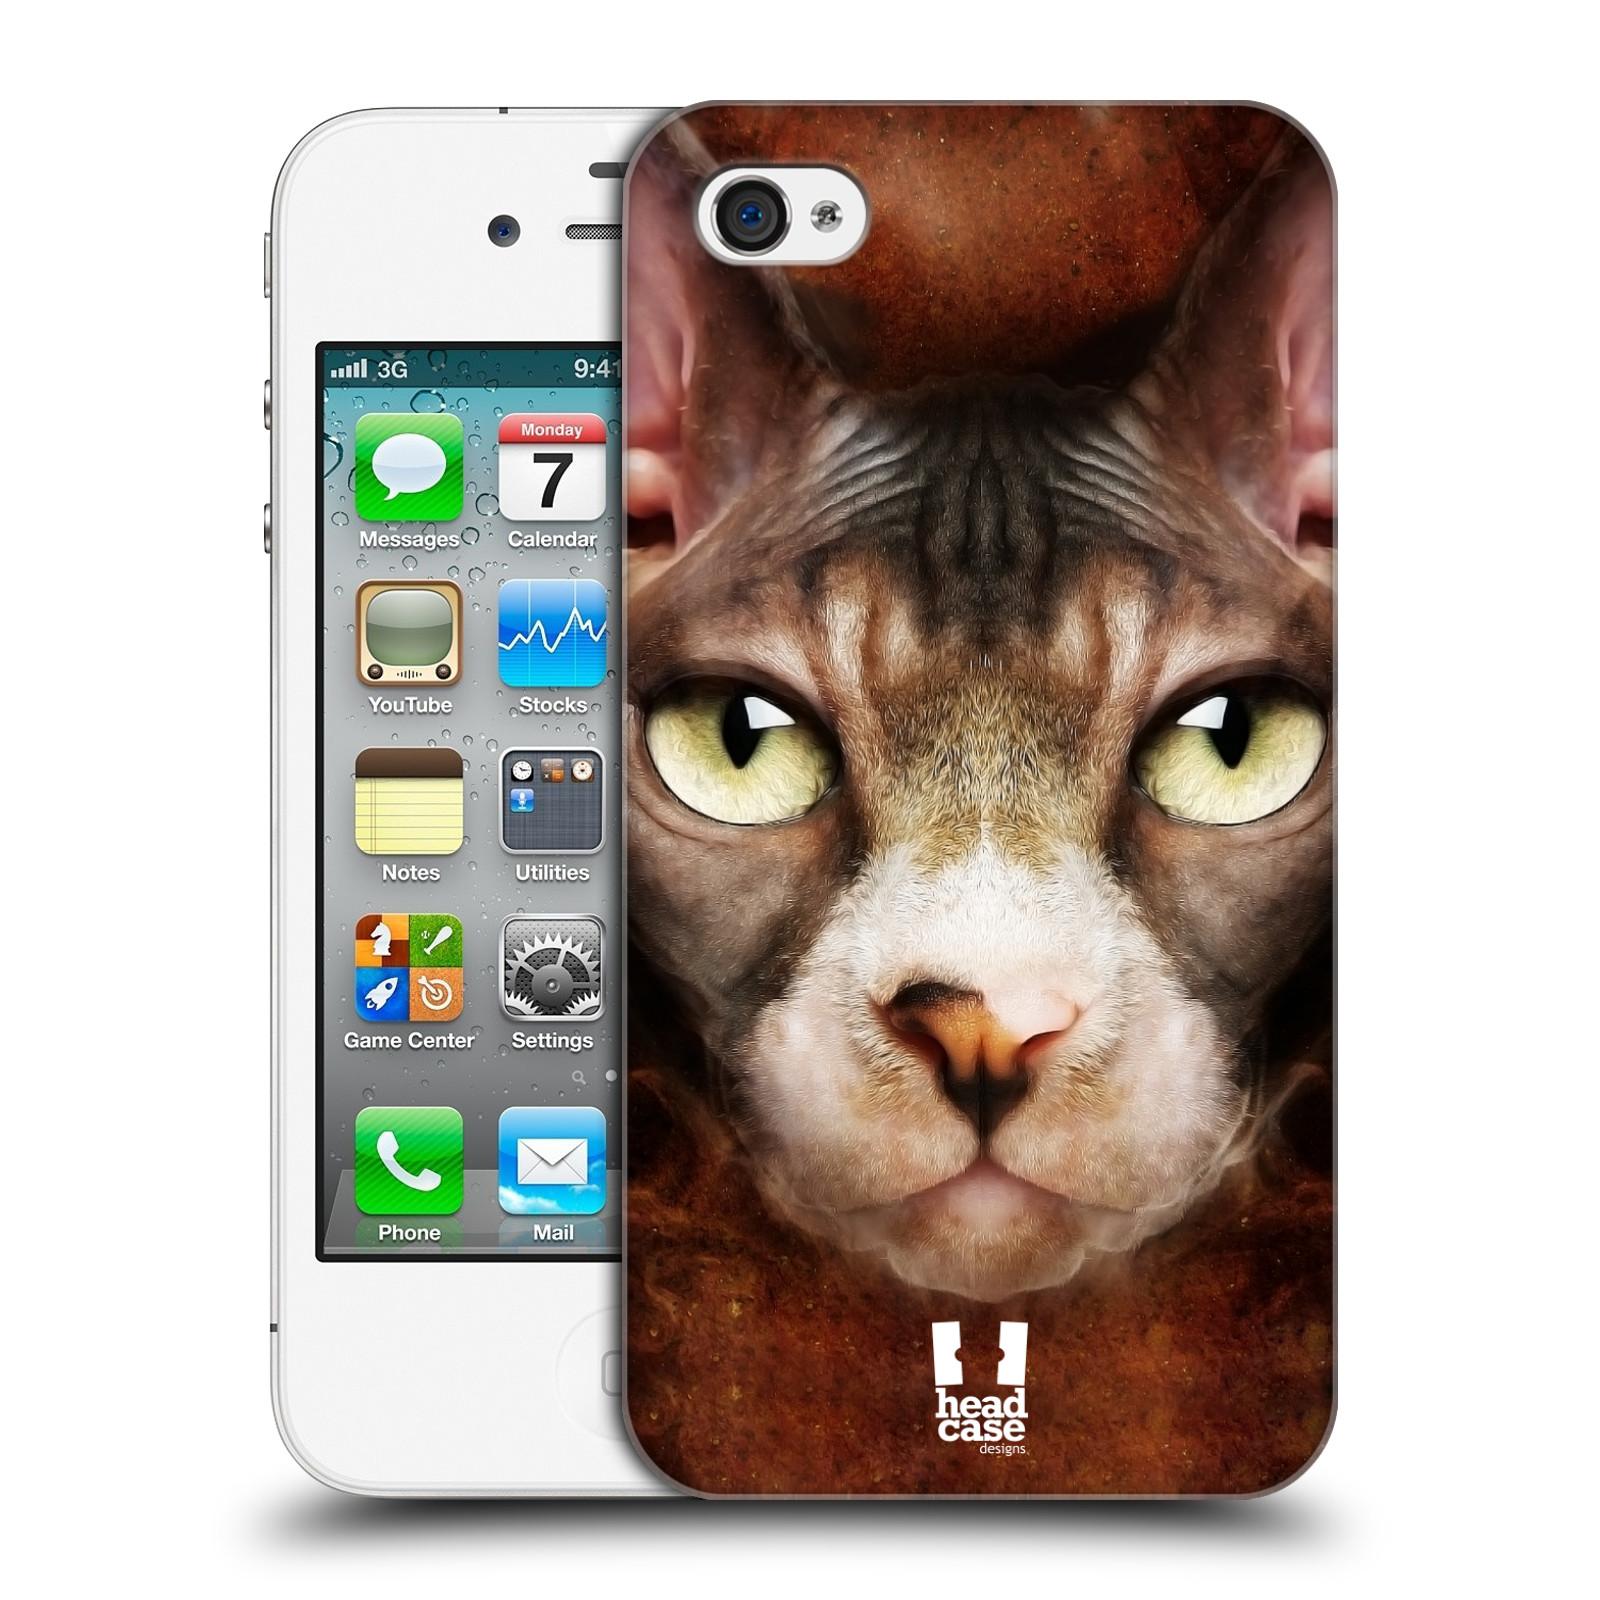 HEAD CASE plastový obal na mobil Apple Iphone 4/4S vzor Zvířecí tváře kočka sphynx